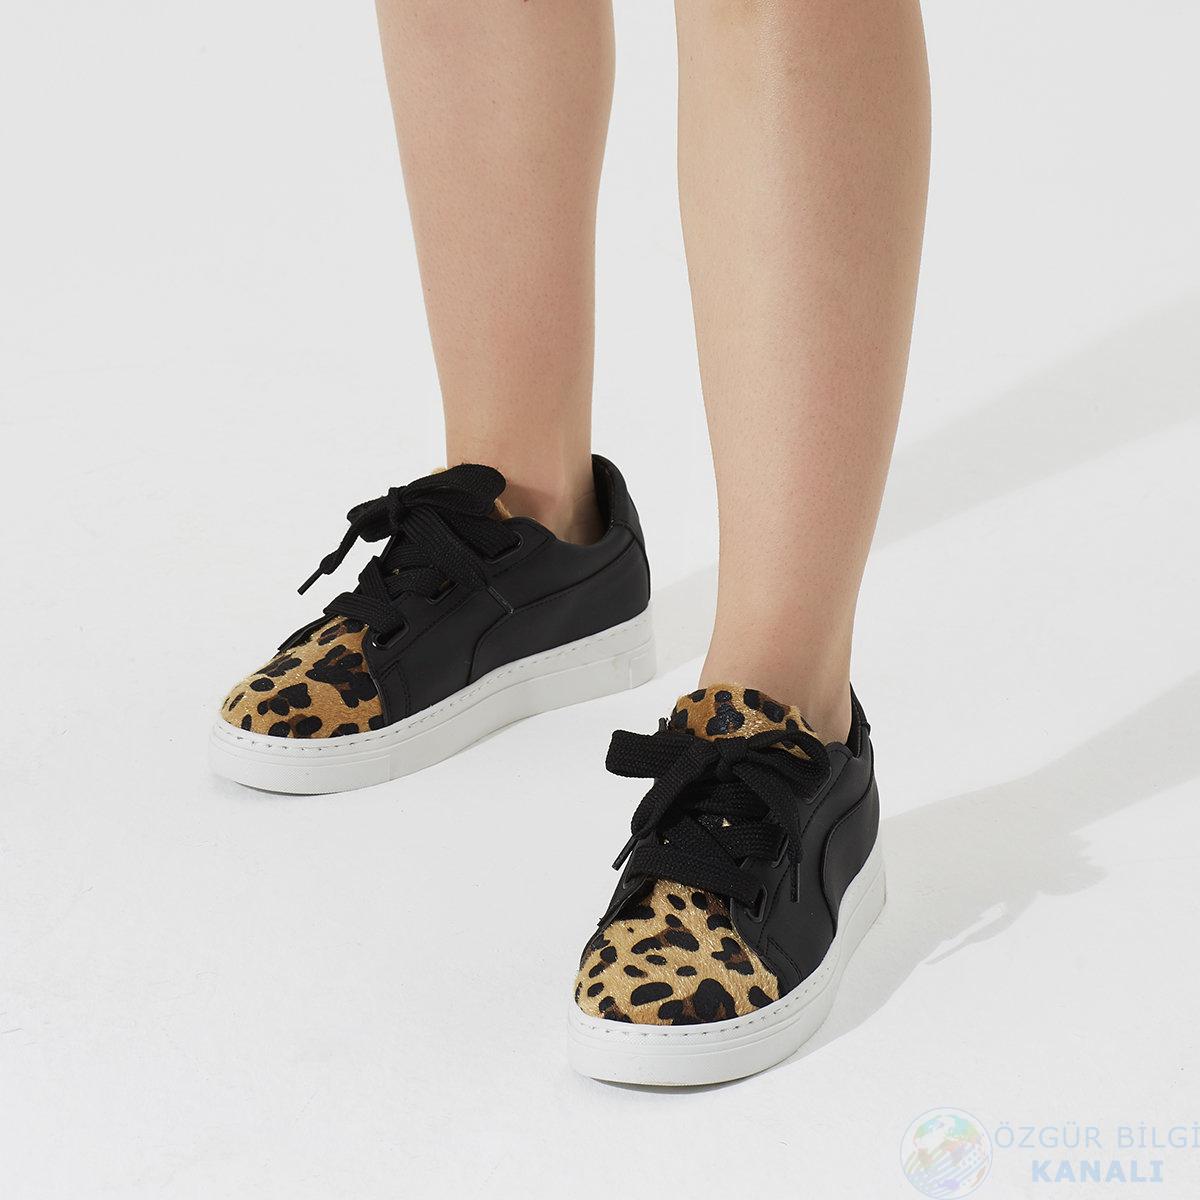 Butigo leopar desenli bayan ayakkabı